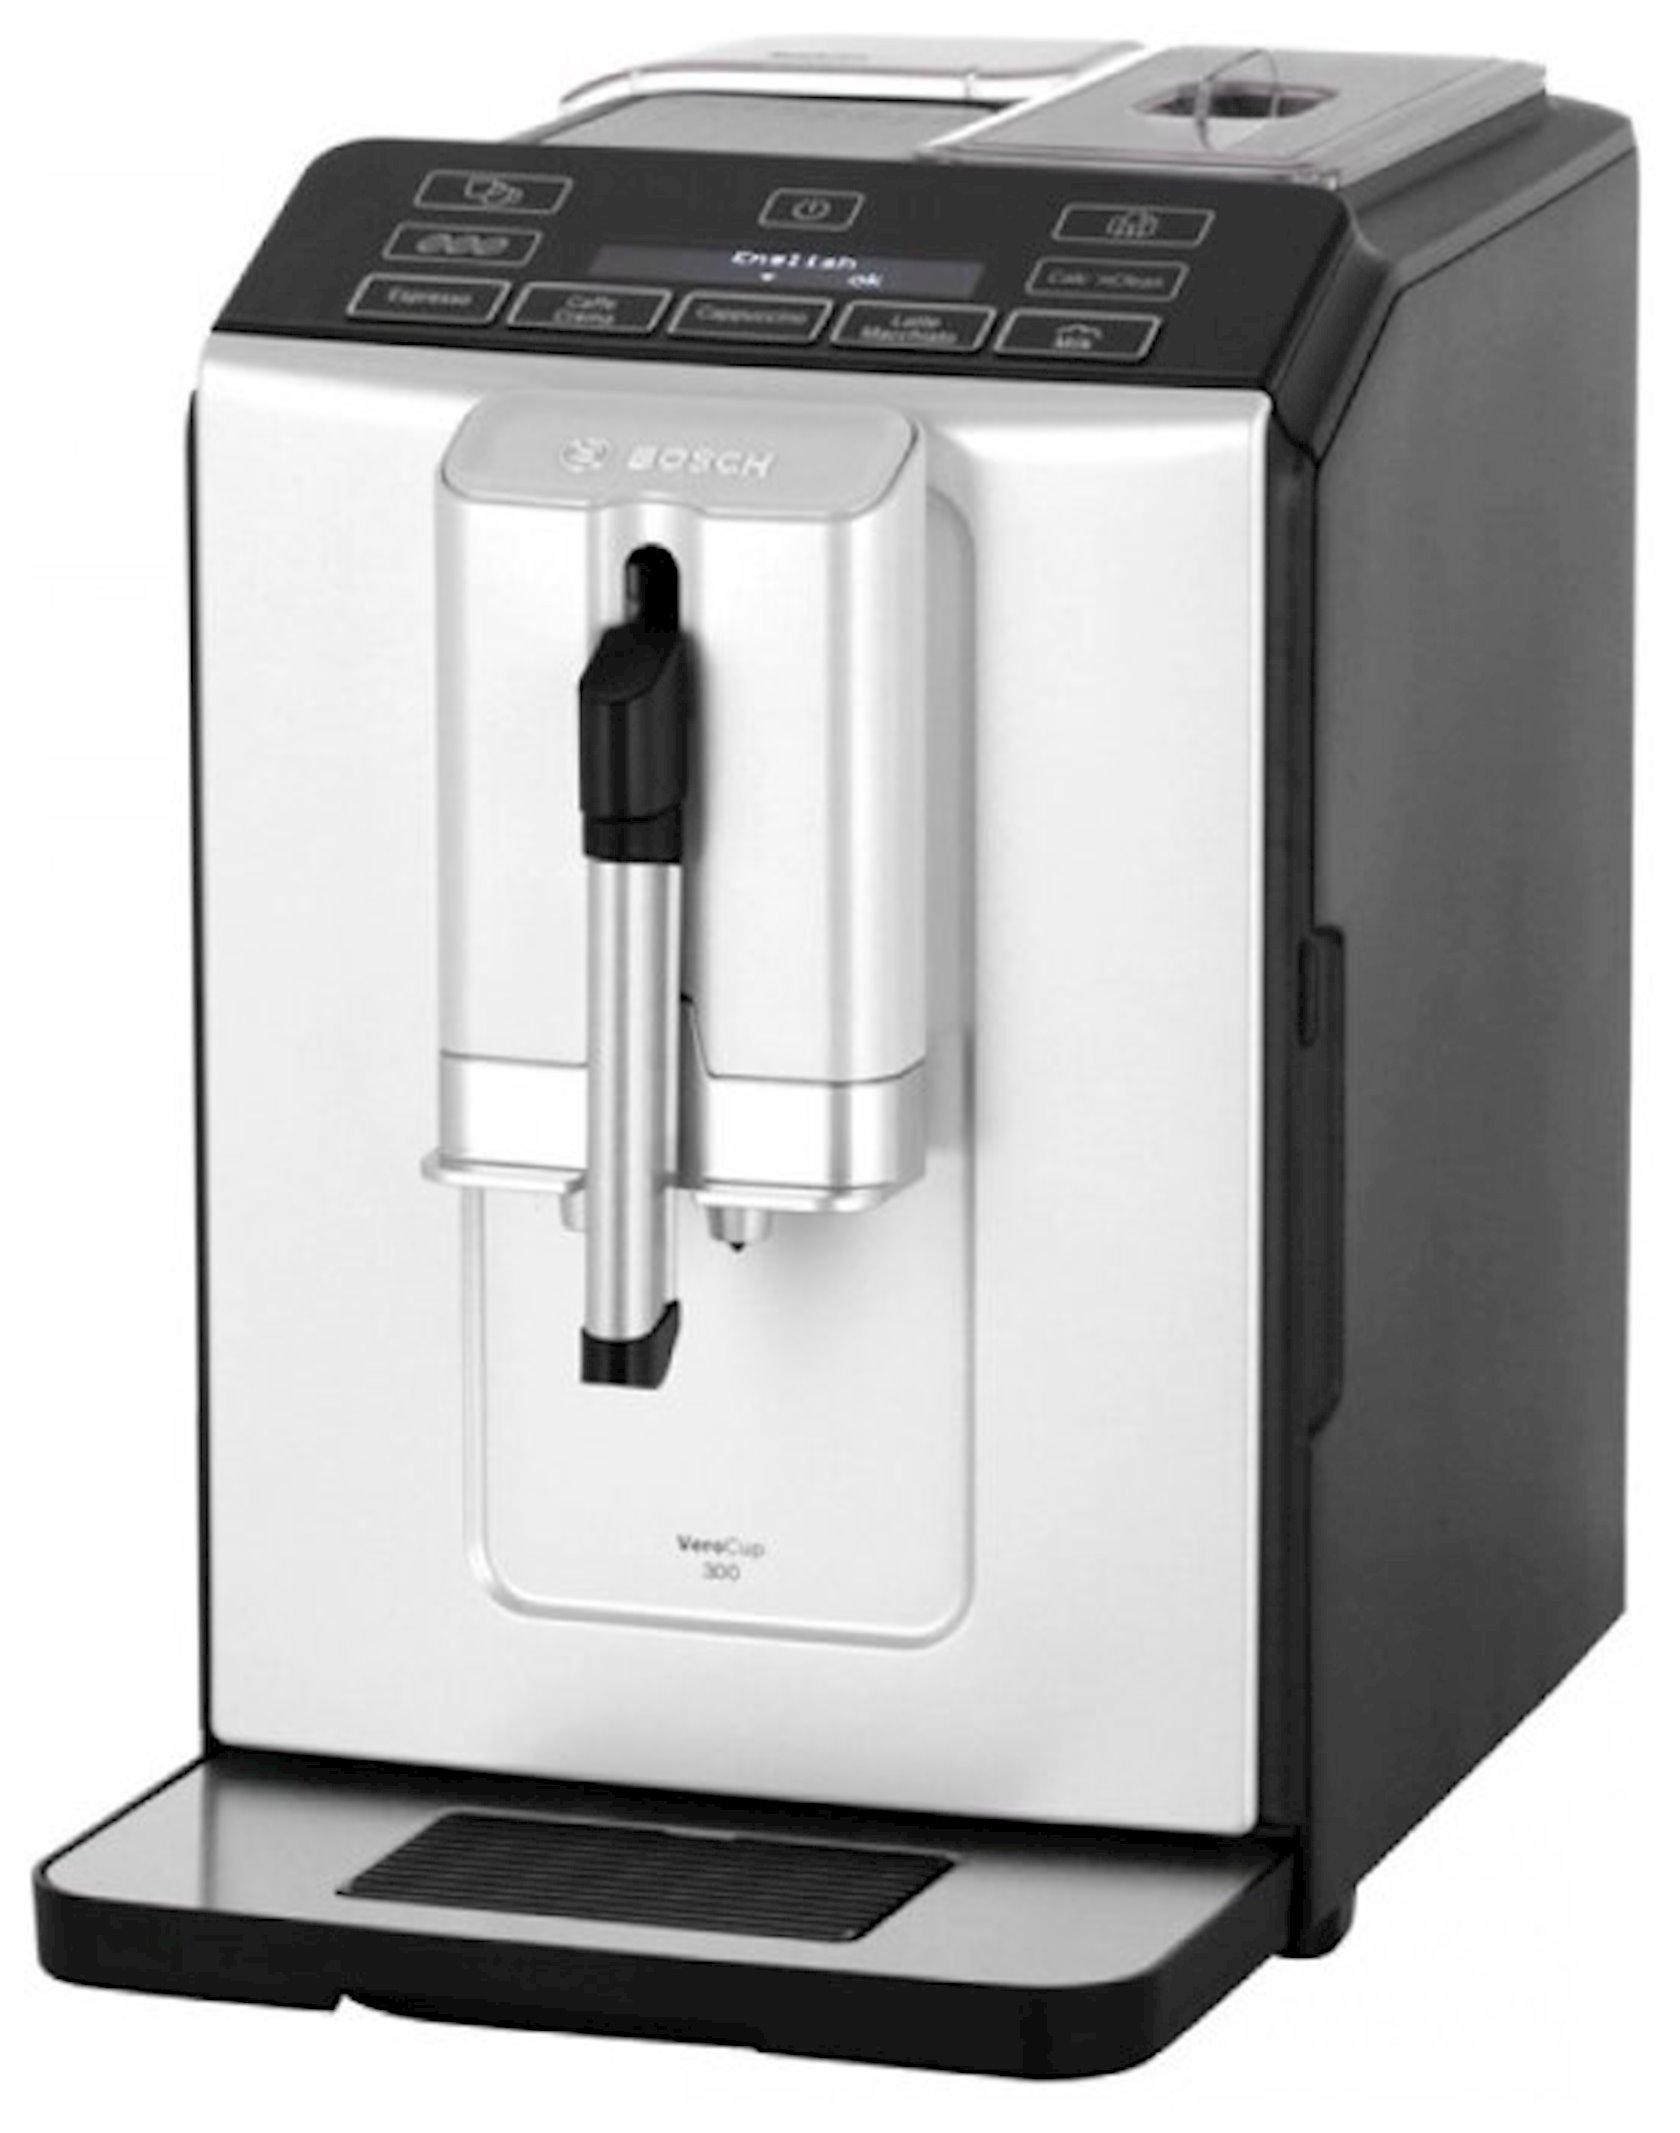 Qəhvə maşını Bosch VeroCup TIS30321RW